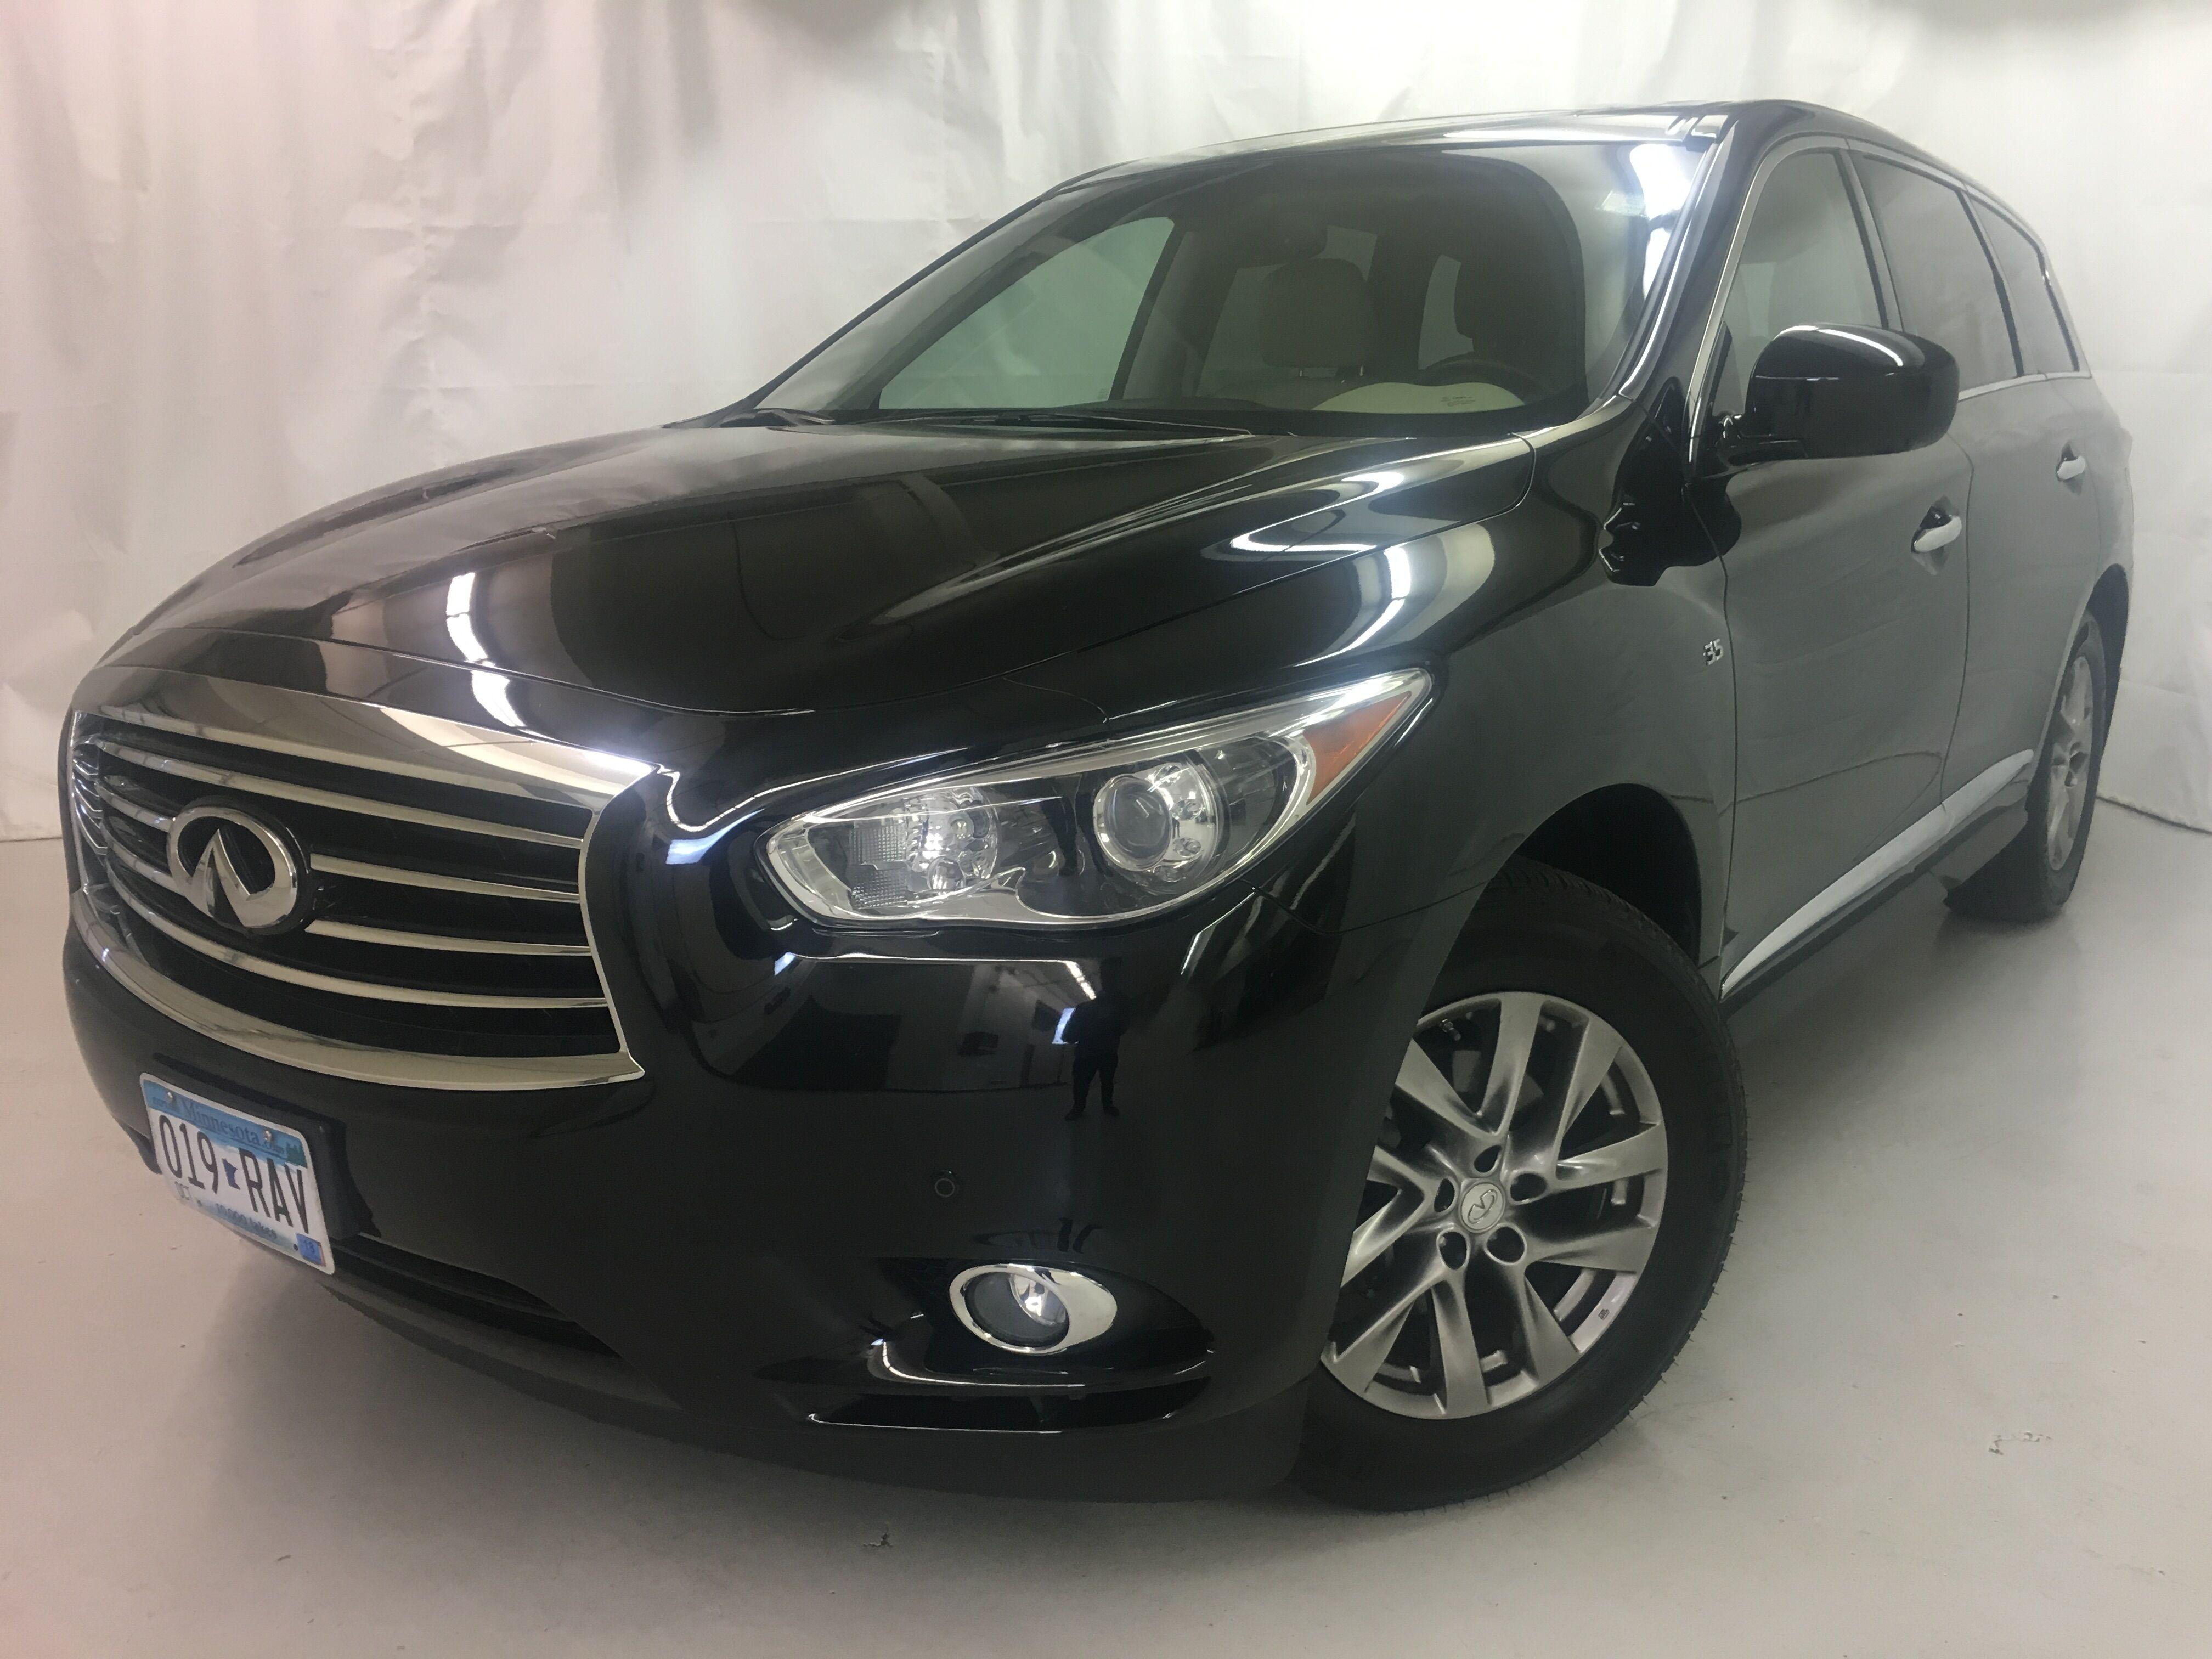 2015 INFINITI QX60 AWD Premium Plus